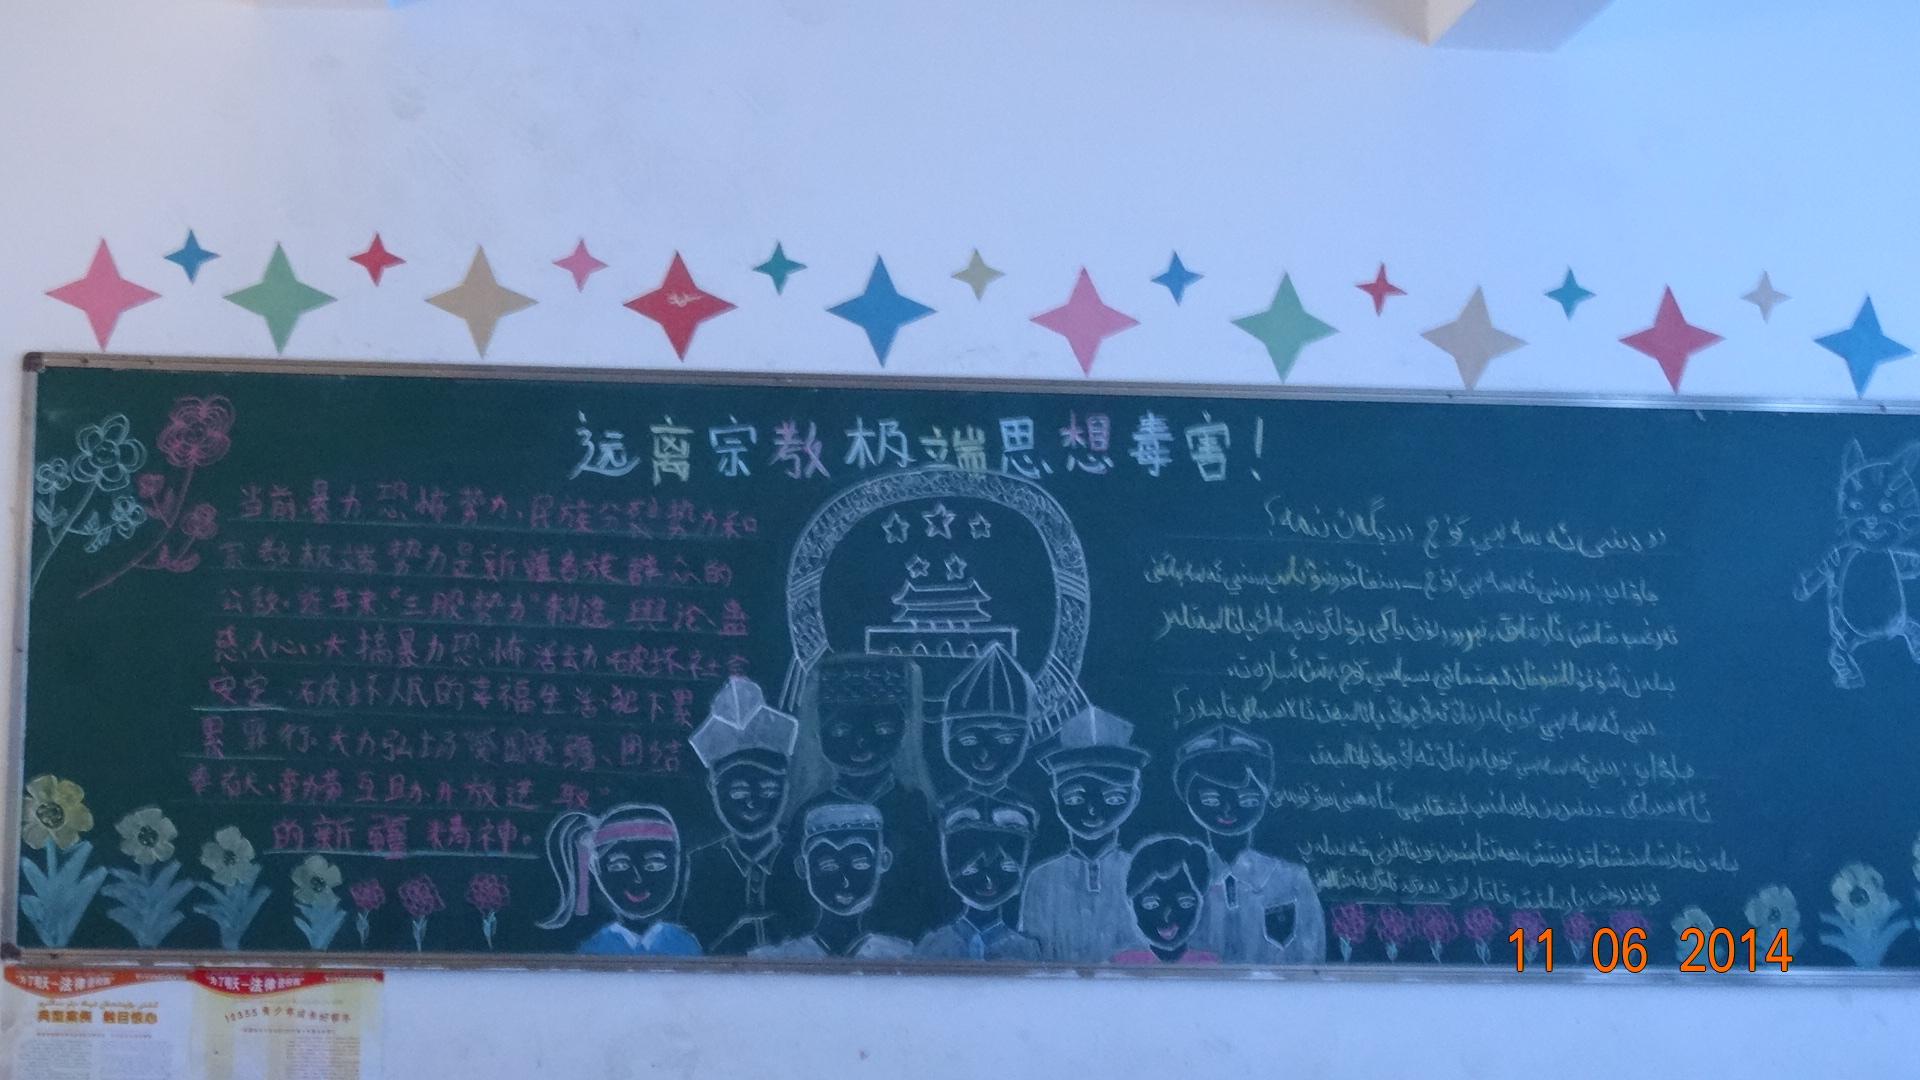 十小学 开展 民族团结 黑板报评比活动